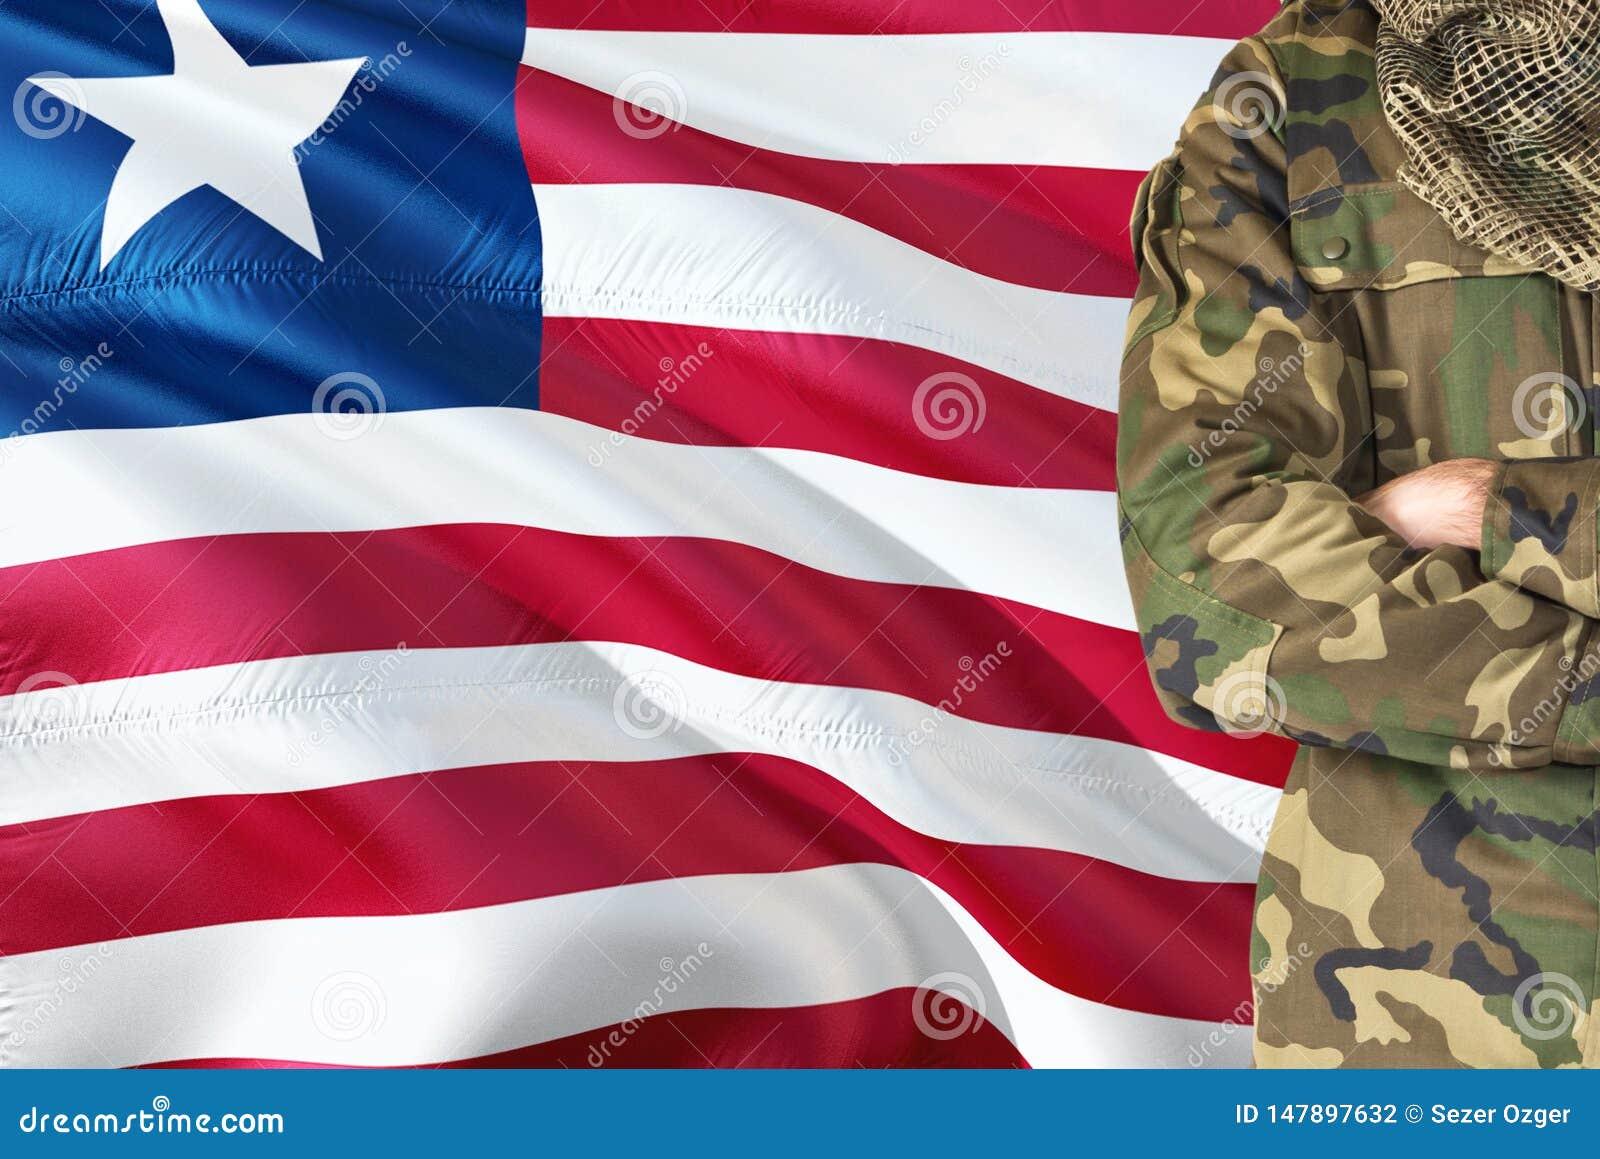 Korsad liberiansk soldat för armar med den nationella vinkande flaggan på bakgrund - Liberia militärt tema